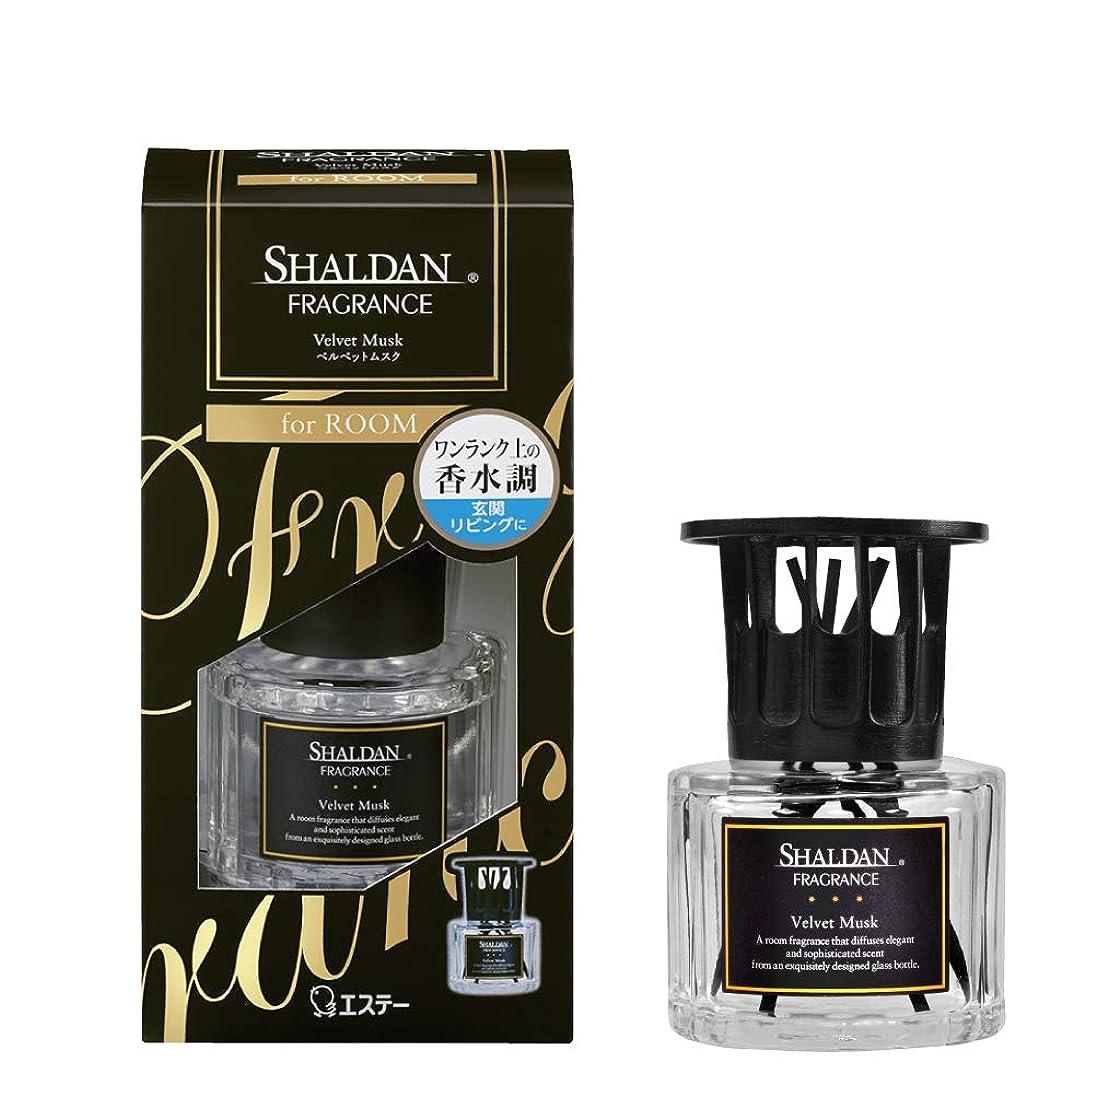 電気平らな歴史的シャルダン SHALDAN フレグランス for ROOM 芳香剤 部屋用 部屋 本体 ベルベットムスク 65ml